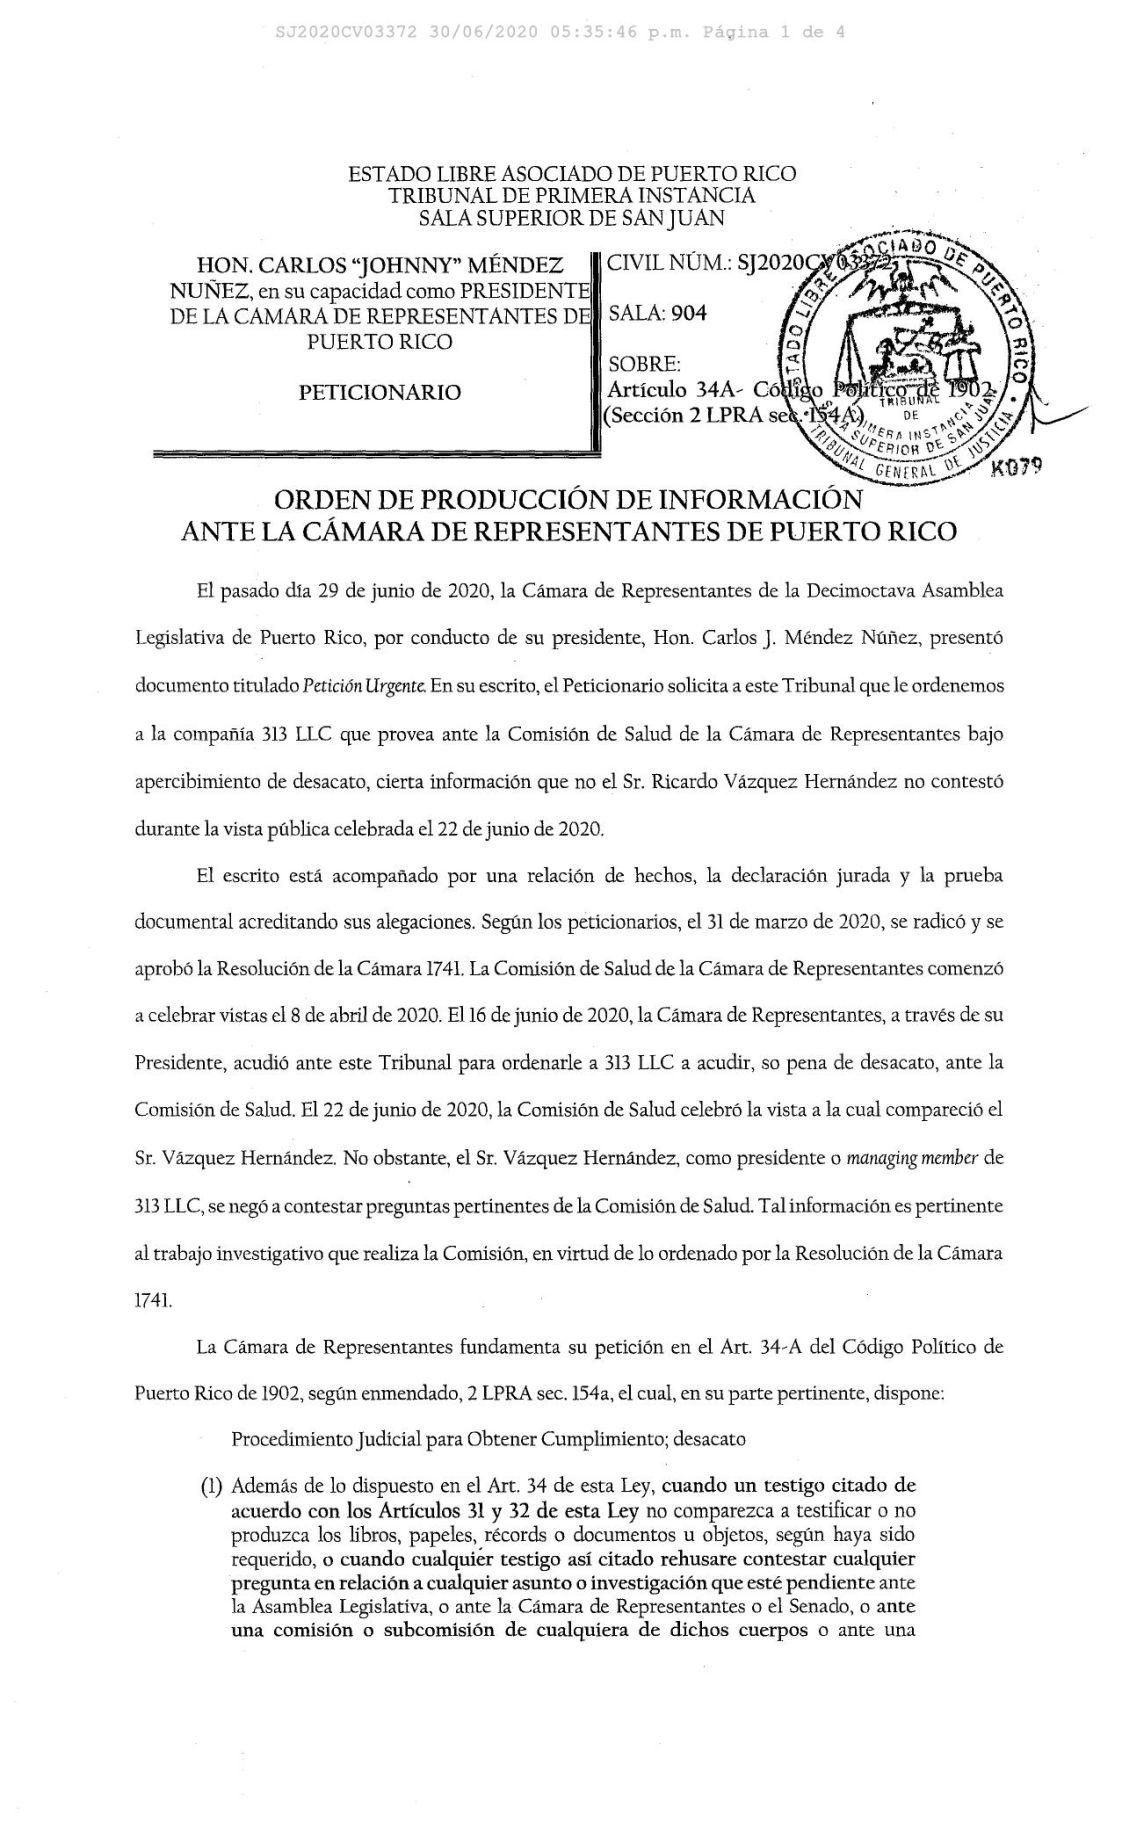 Tribunal le da ultimátum a 313 LLC para responder preguntas de la Cámara sobre la fallida compra de pruebas